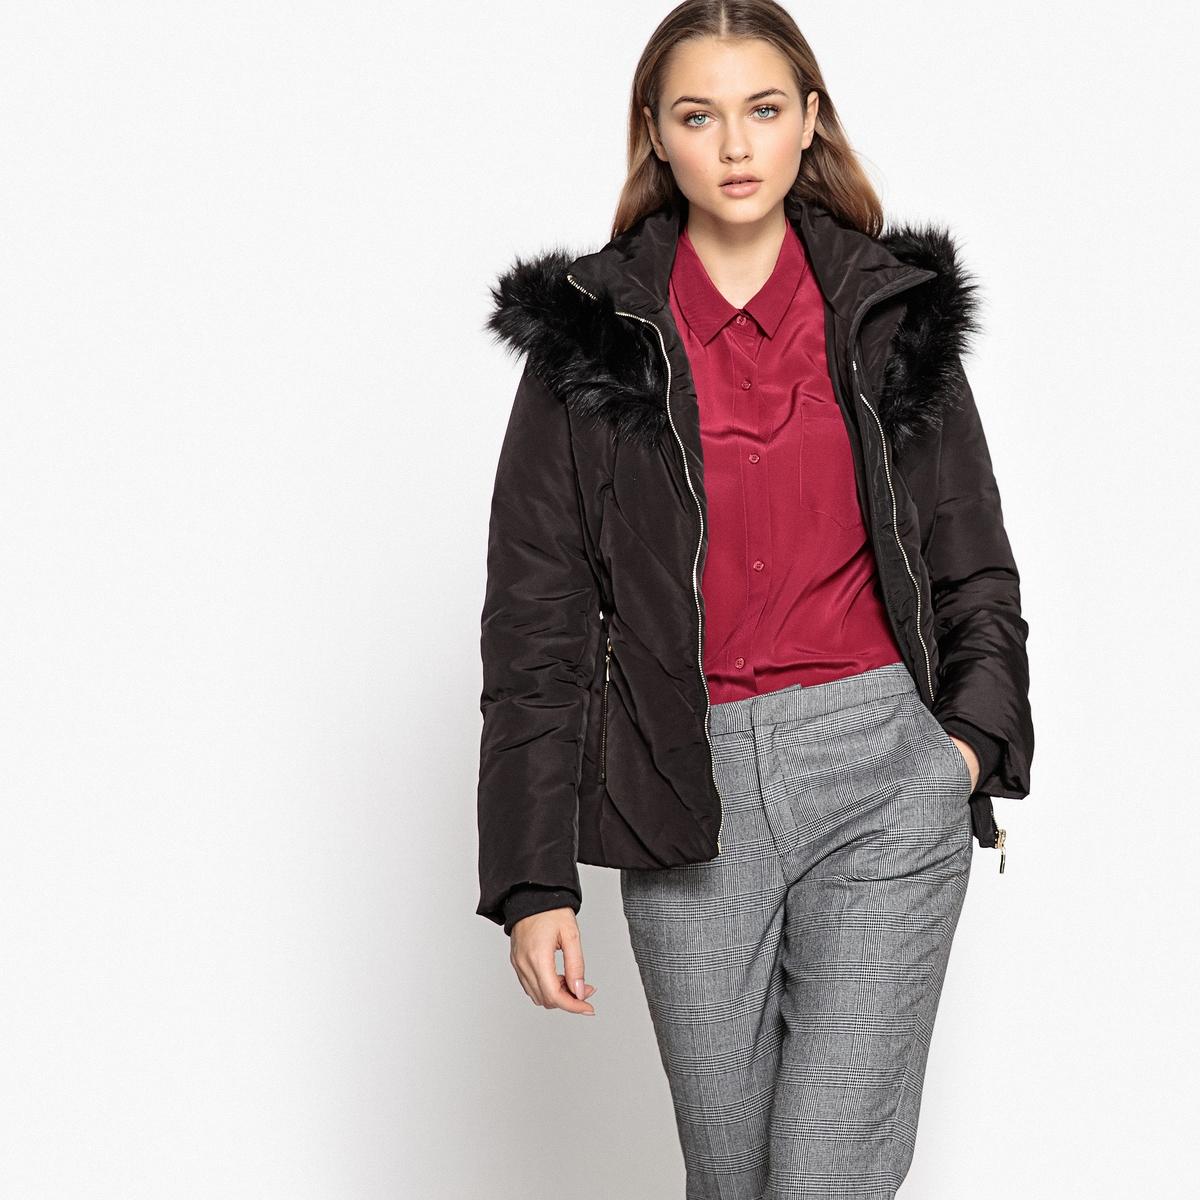 Куртка стеганая с капюшономДетали •  Длина : укороченная   •  Капюшон  •  Застежка на молнию •  С капюшоном Состав и уход •  100% полиэстер •  Подкладка : 100% полиэстер •  Наполнитель : 70% пуха, 30% пера •  Следуйте советам по уходу, указанным на этикетке<br><br>Цвет: коричневый,черный